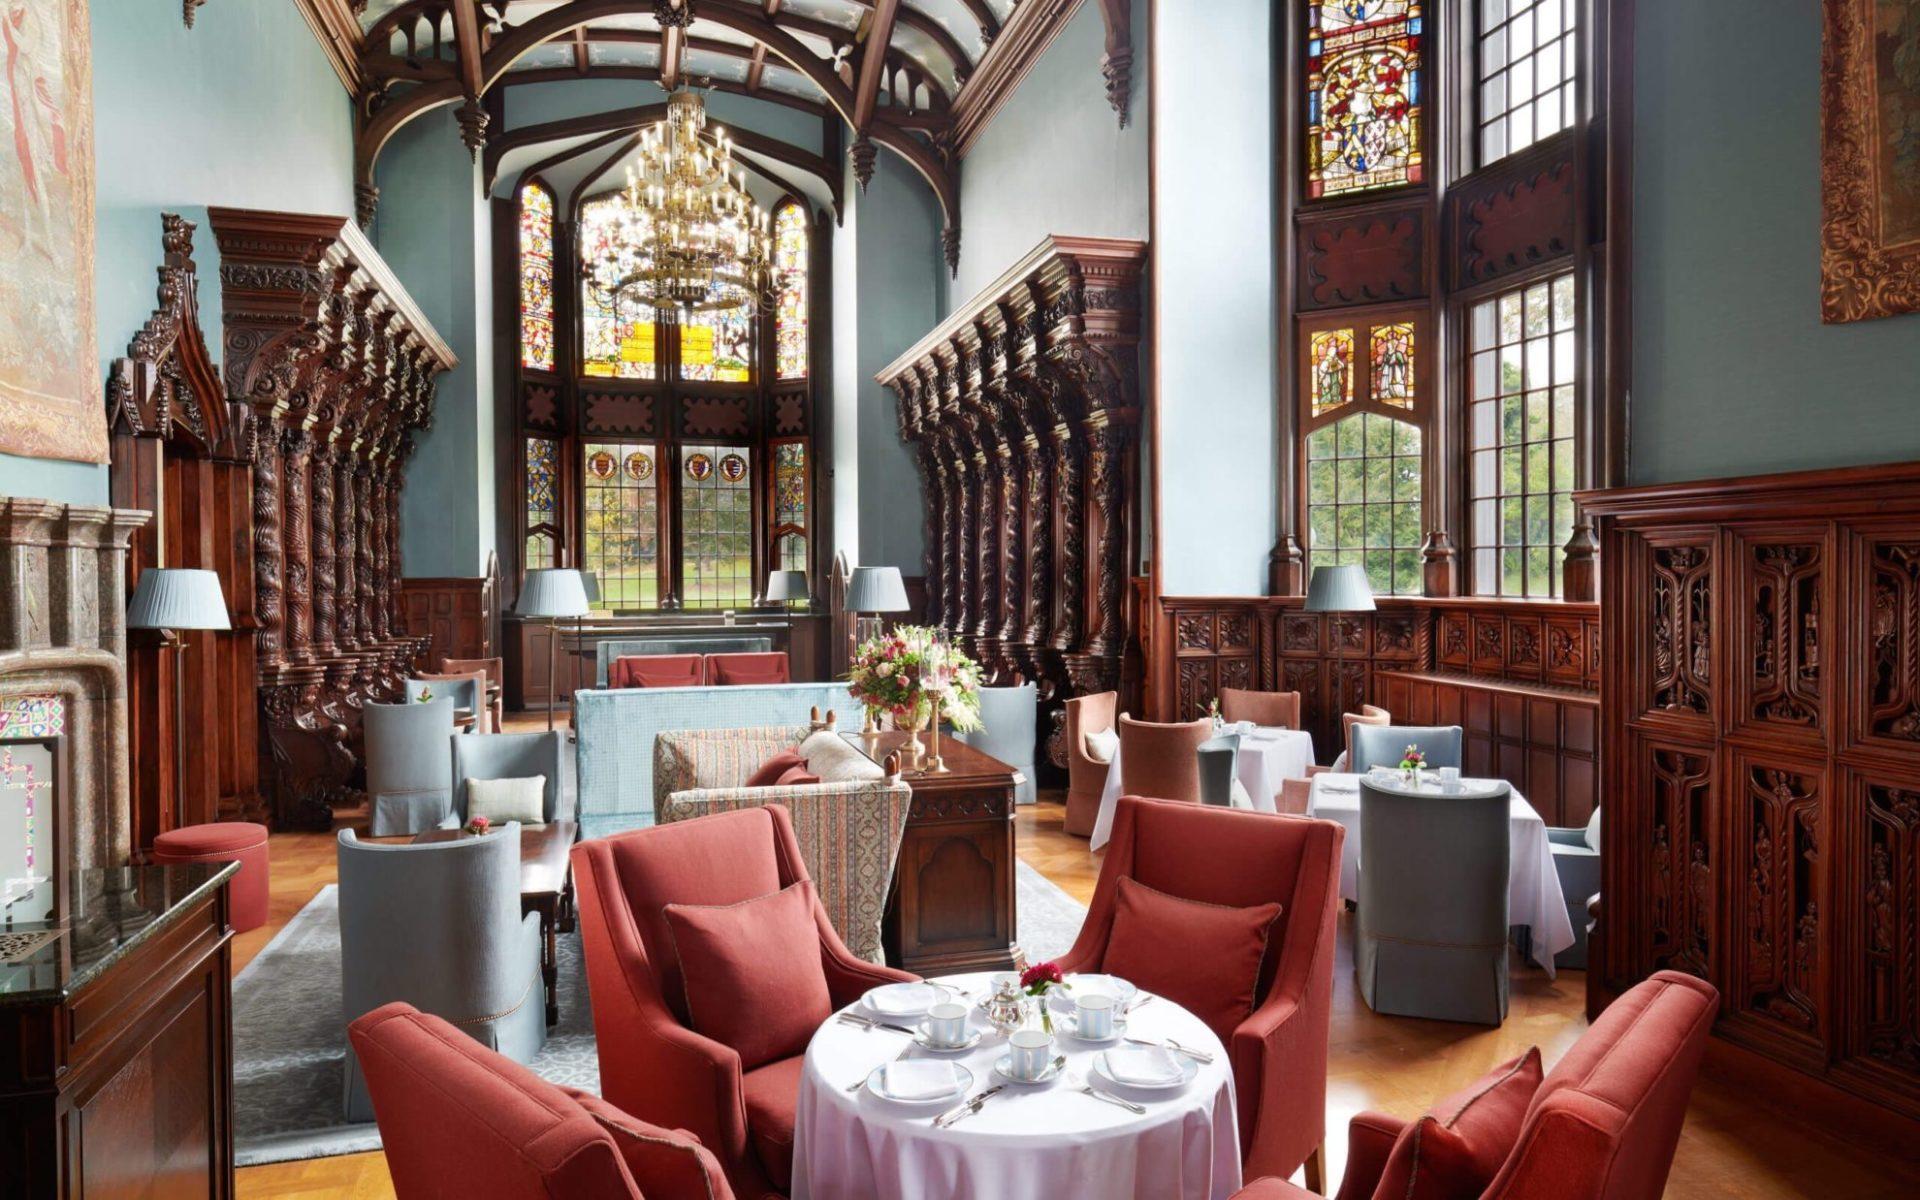 Adare Manor Hotel - The Gallery